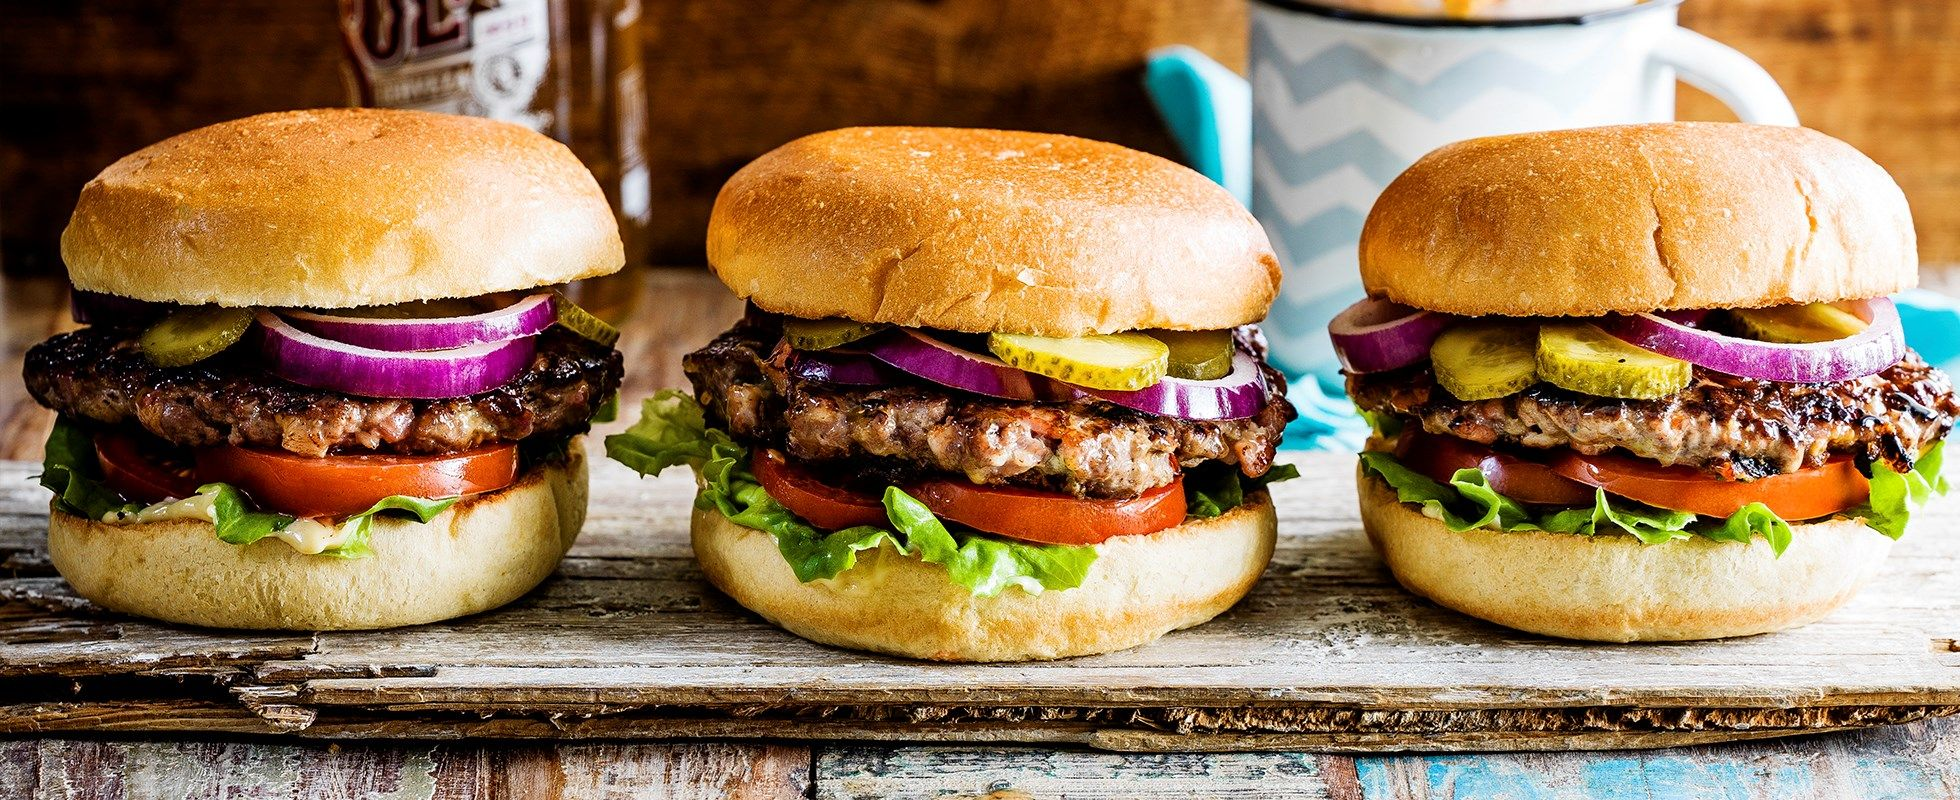 Burger umplut cu bacon și brânză albastră